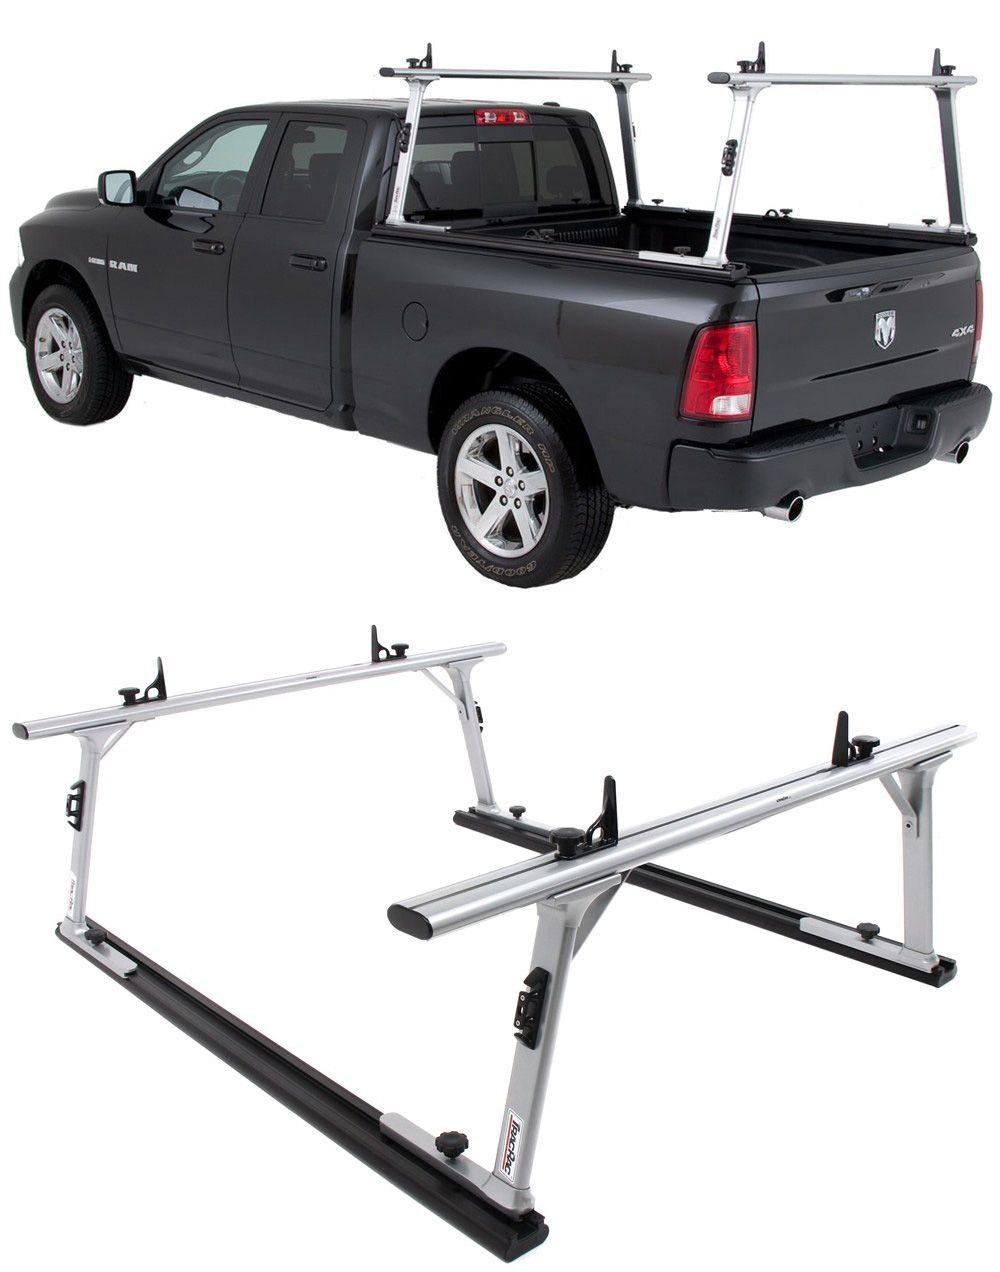 Adjustable Sliding Ladder Rack That Provides Stable Transportation